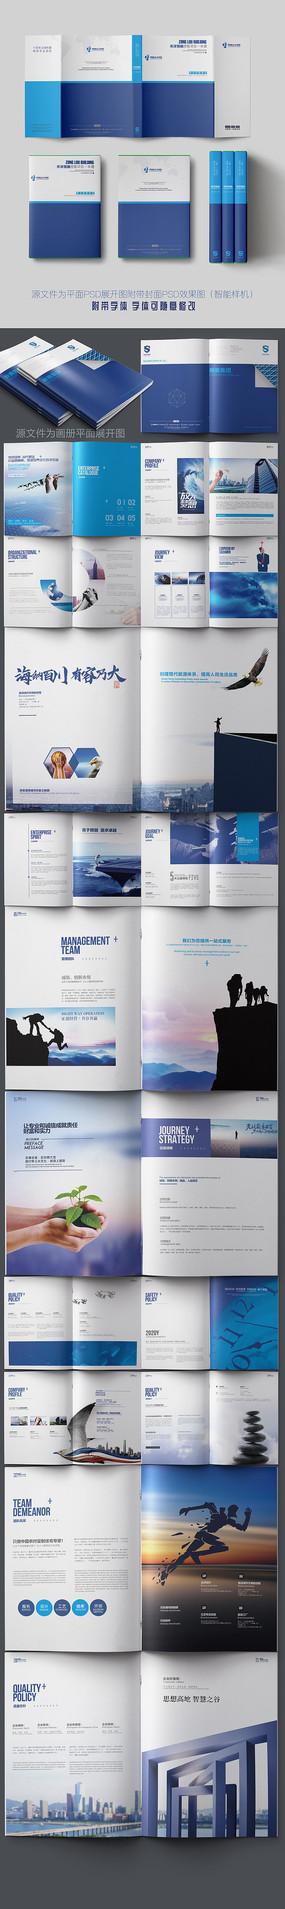 高端简约蓝色科技画册模板设计